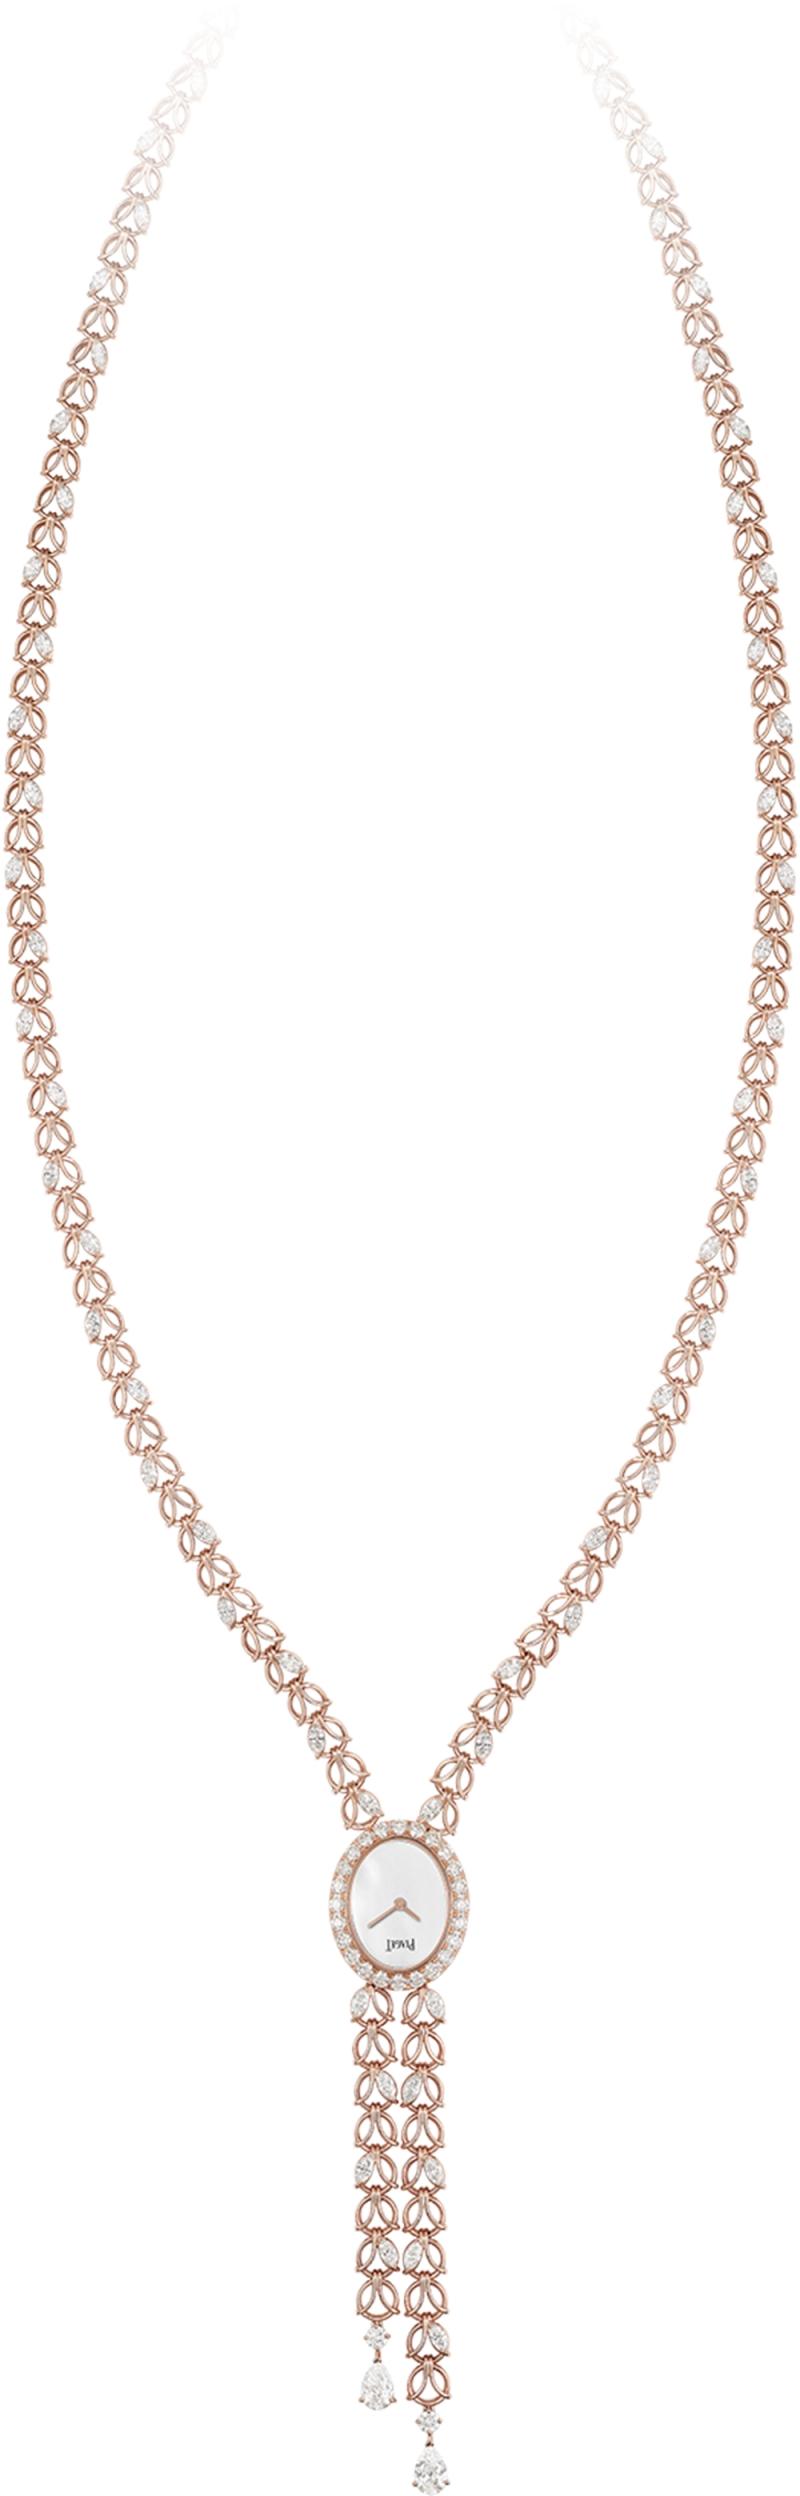 (現代款) Sunny Side of Life 高級珠寶系列項鍊錶 18K玫瑰金,錶殼鑲嵌24顆美鑽(約1.80克拉) 白色珍珠母貝錶盤 項鍊鑲嵌67顆美鑽(約9.28克拉) 限量款式 搭載伯爵製56P石英機芯 G0A41243台幣參考價格 5,450,000